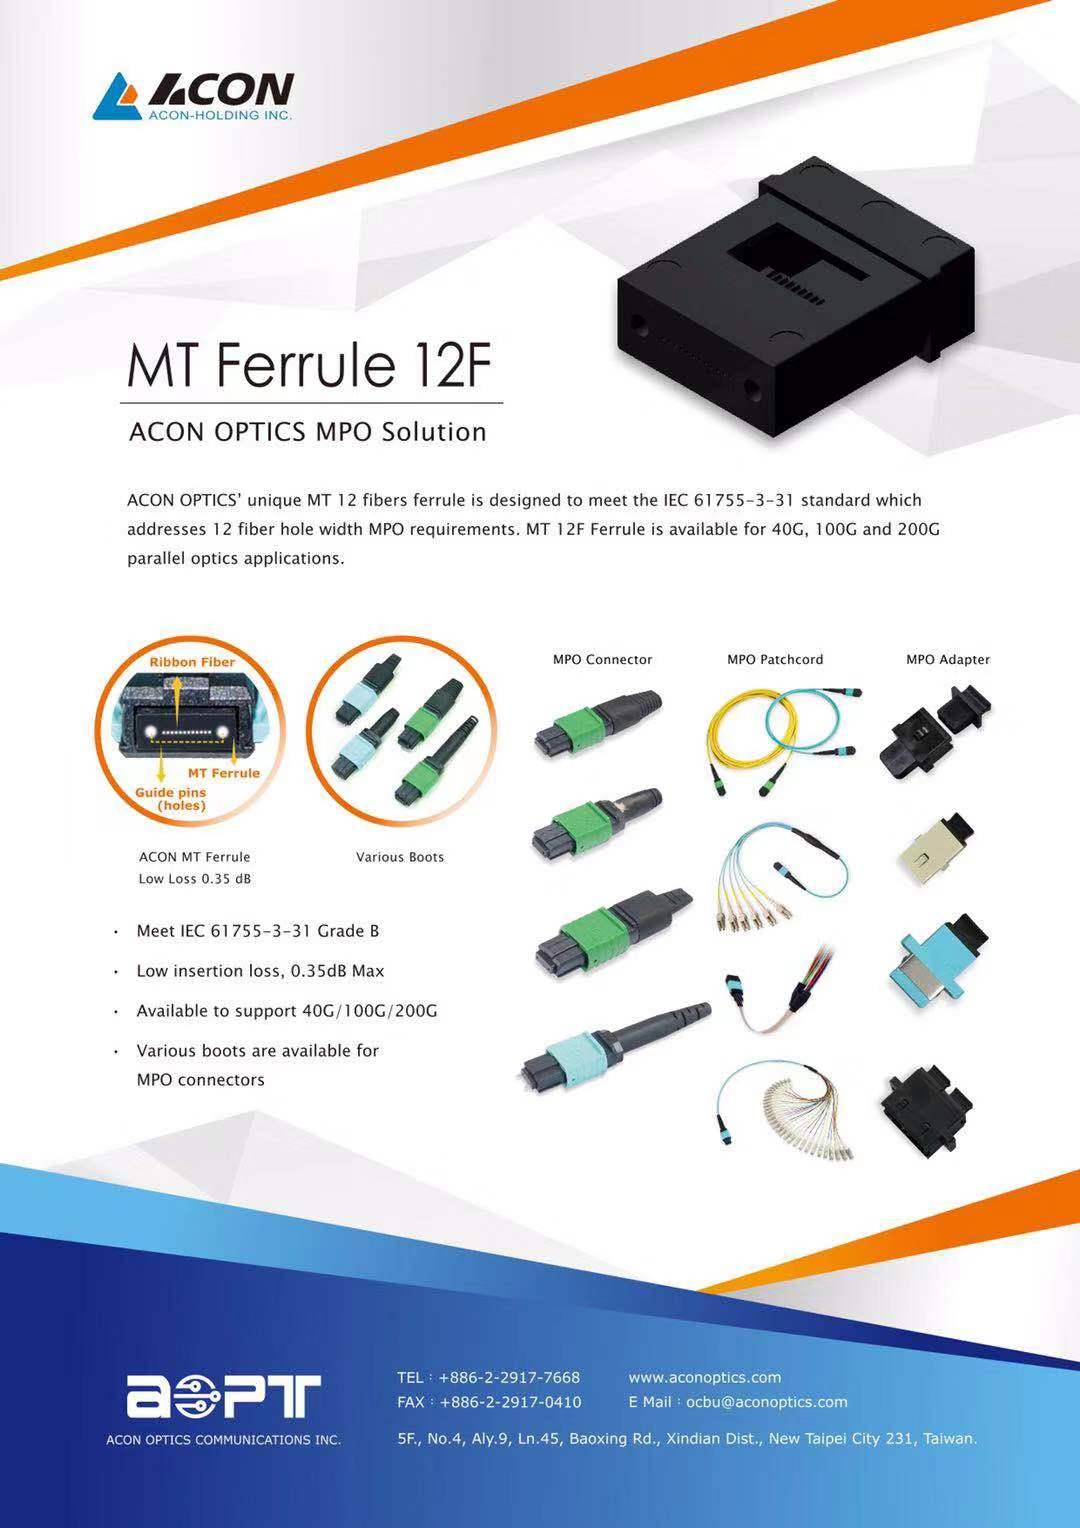 新产品 | 连讯通信推出MT插芯 并实现批量生产